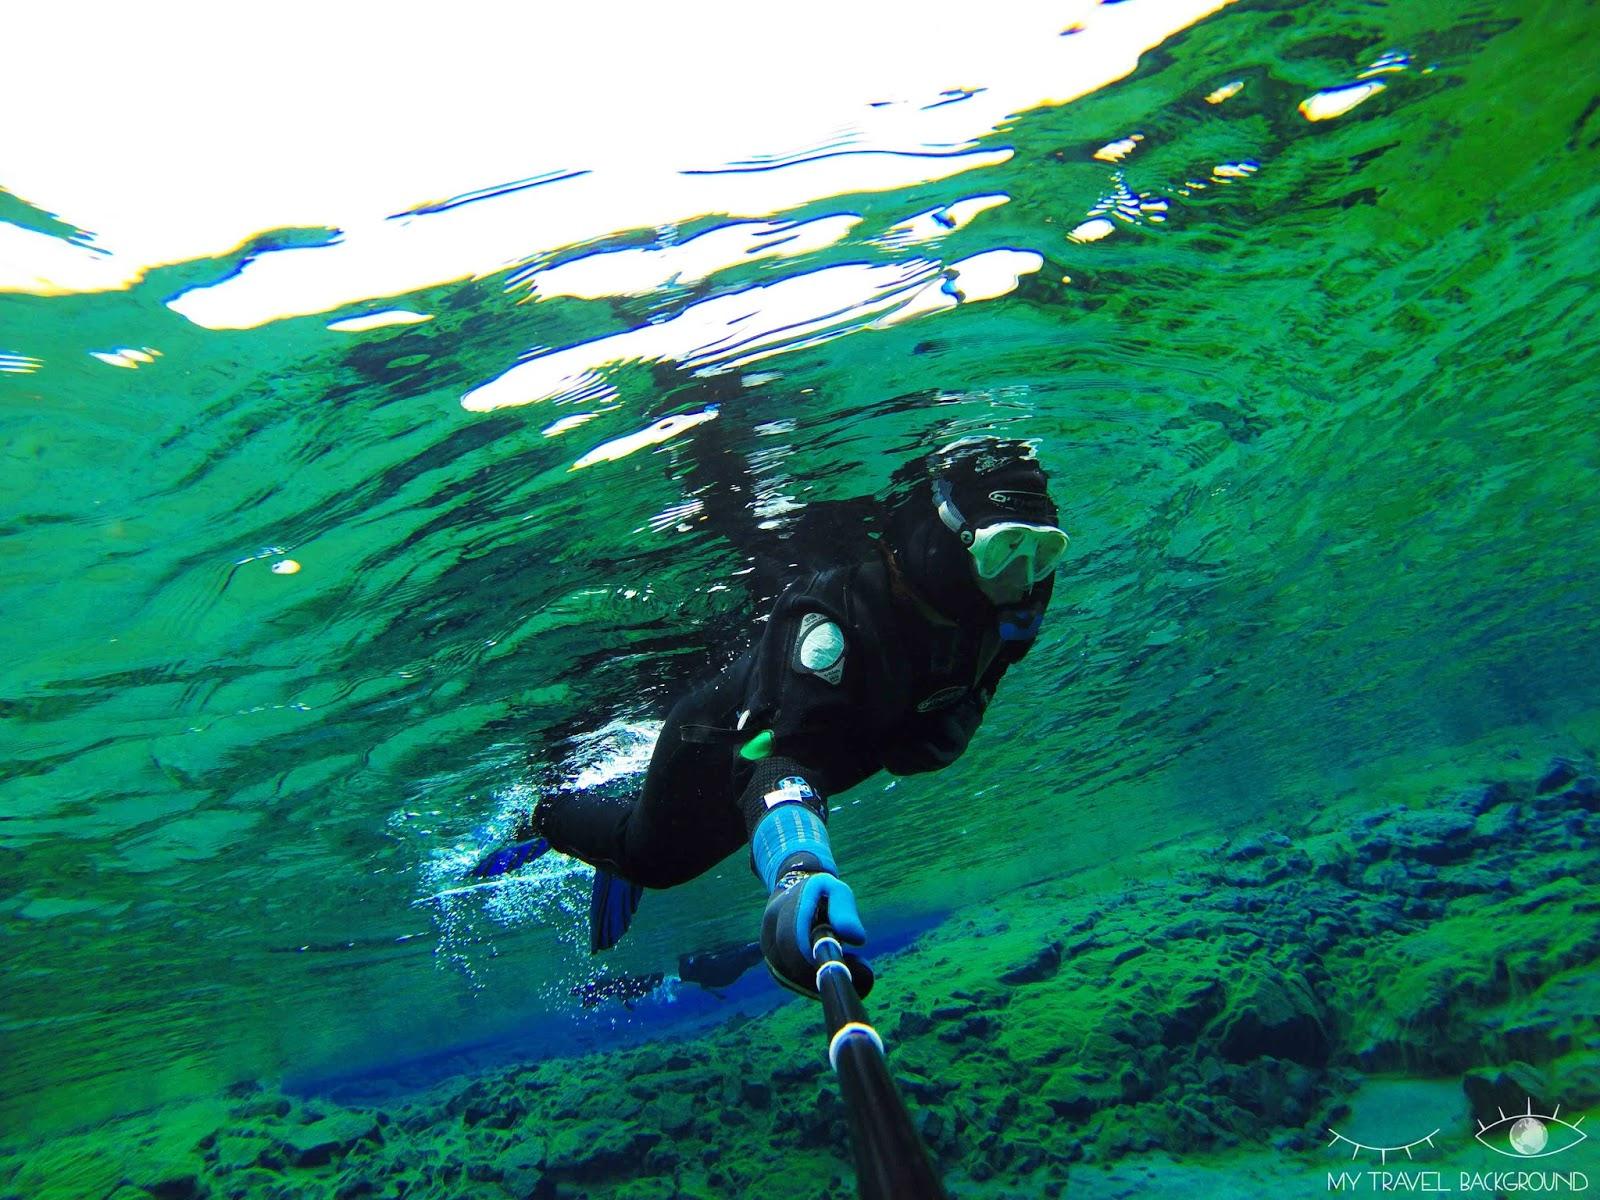 My Travel Background : 8 lieux où plonger dans le monde, Islande